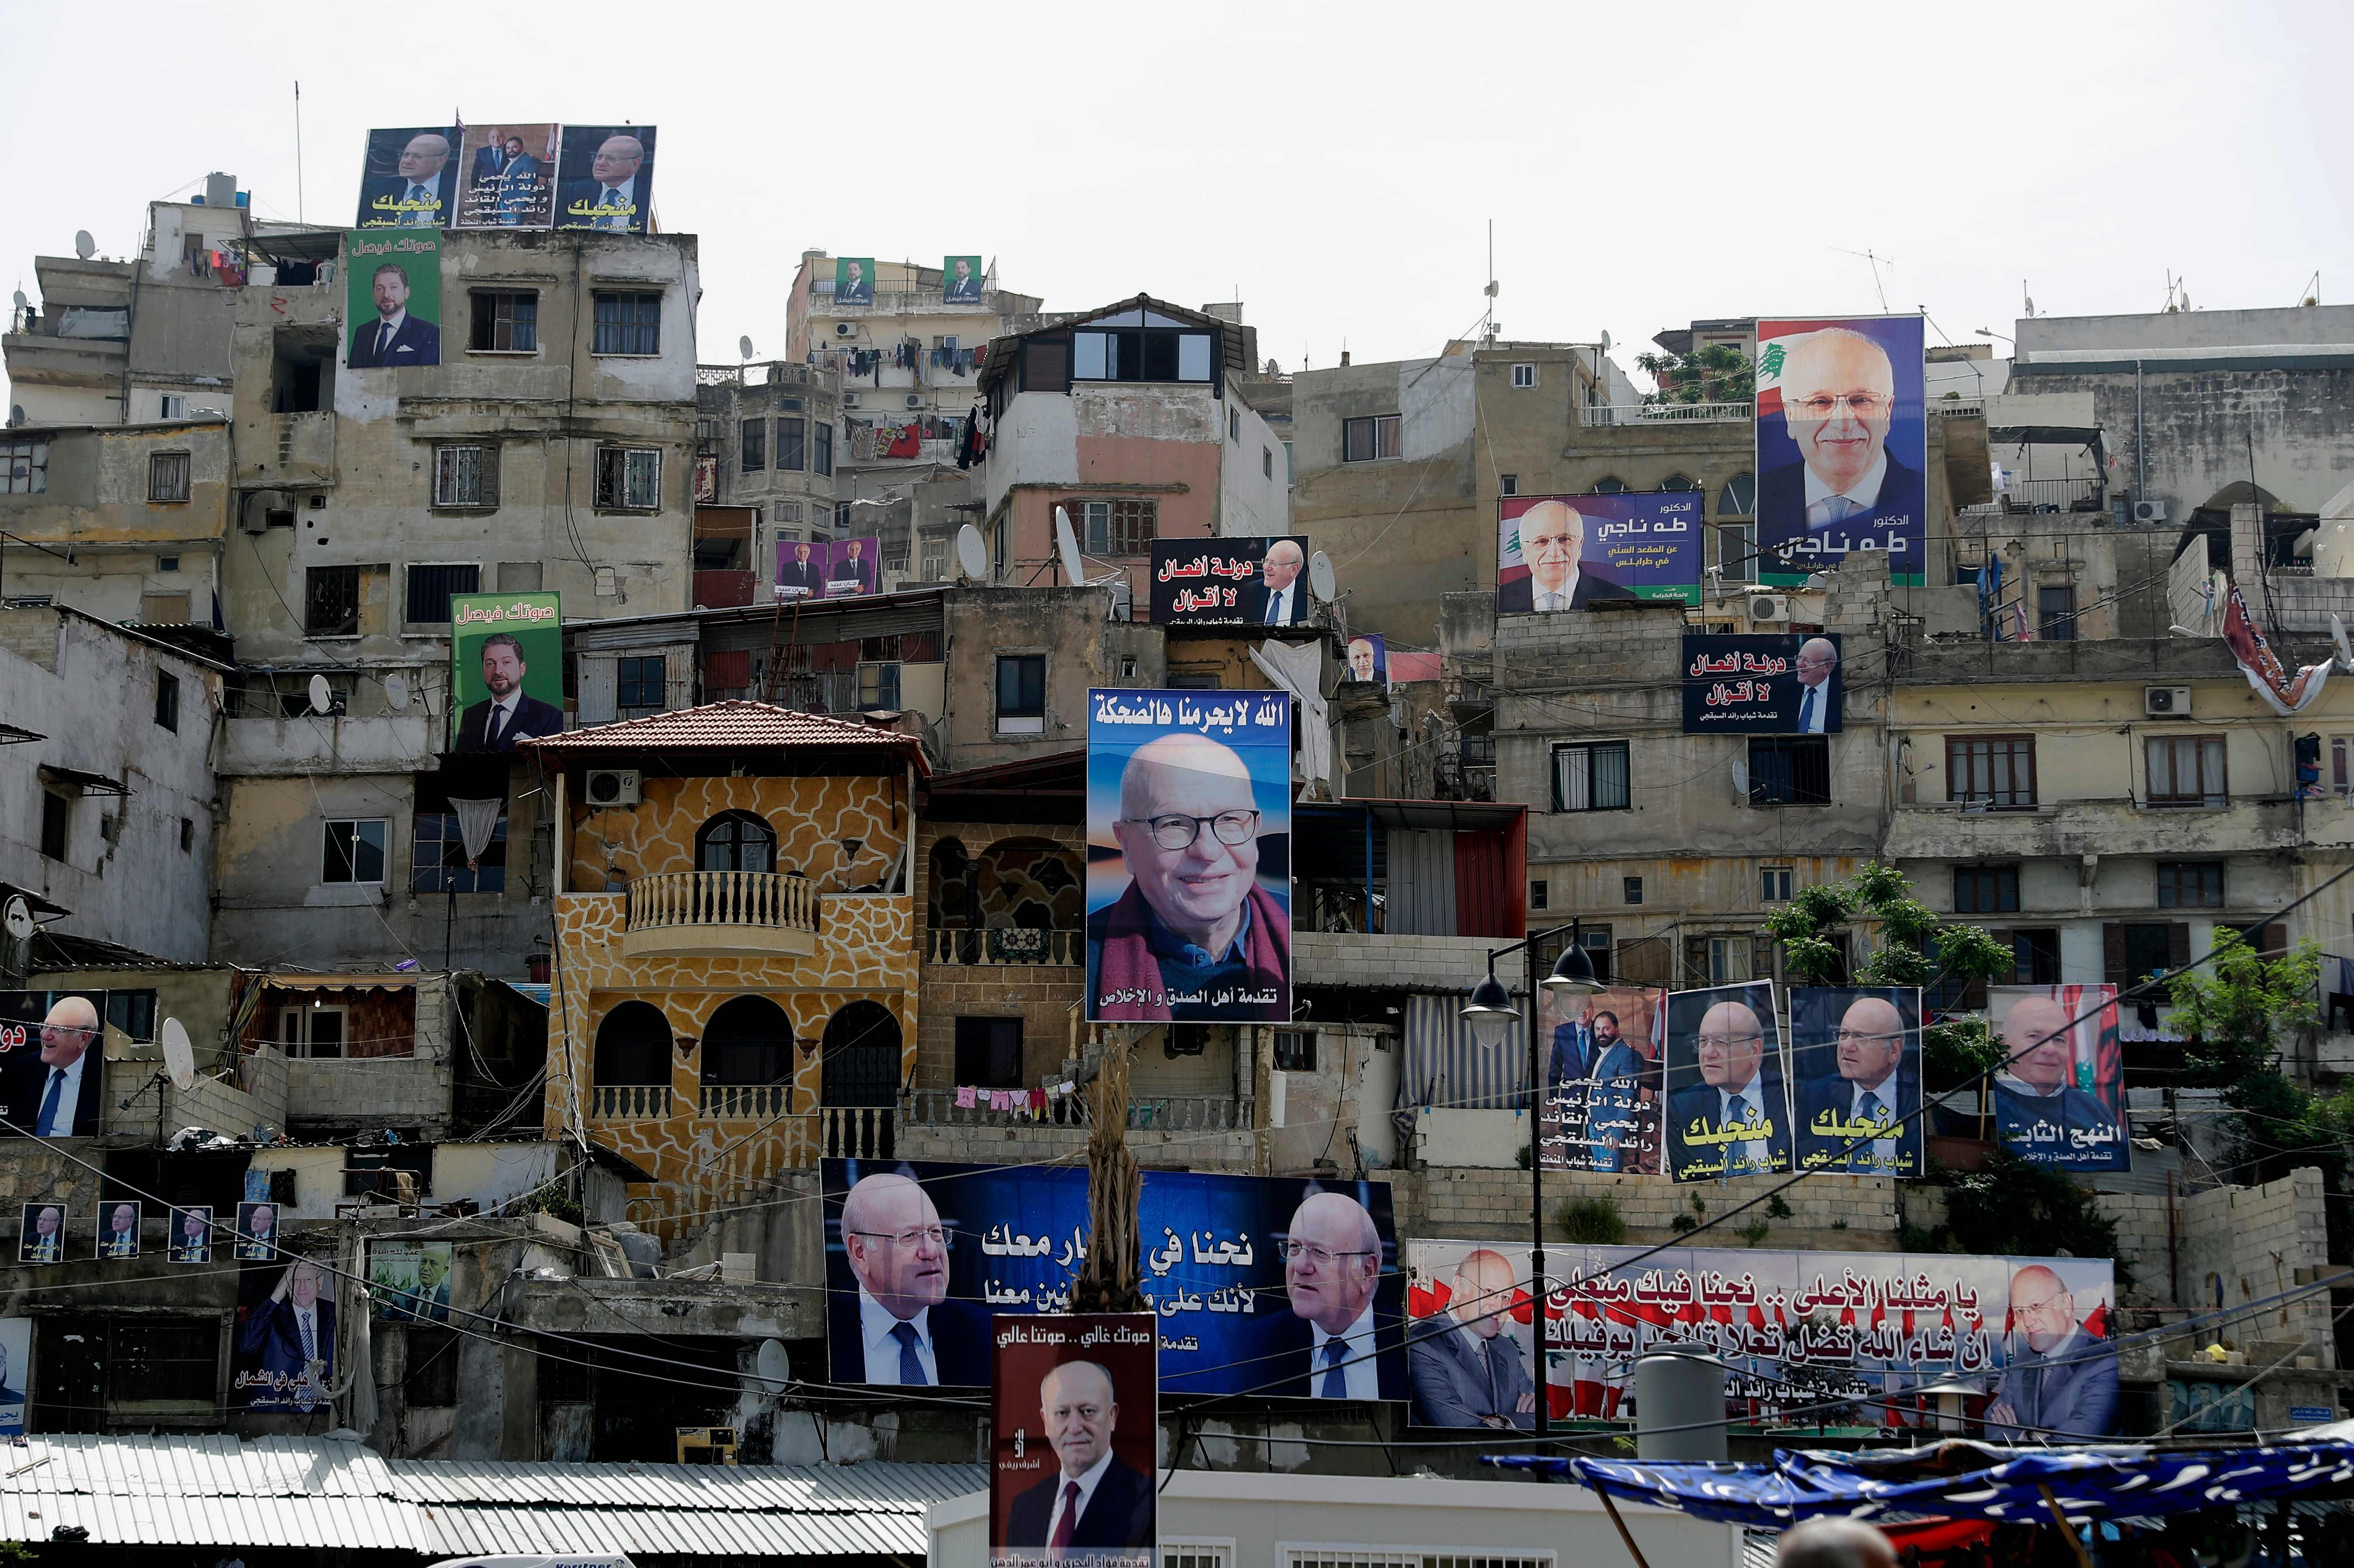 مرشحو الانتخابات اللبنانية